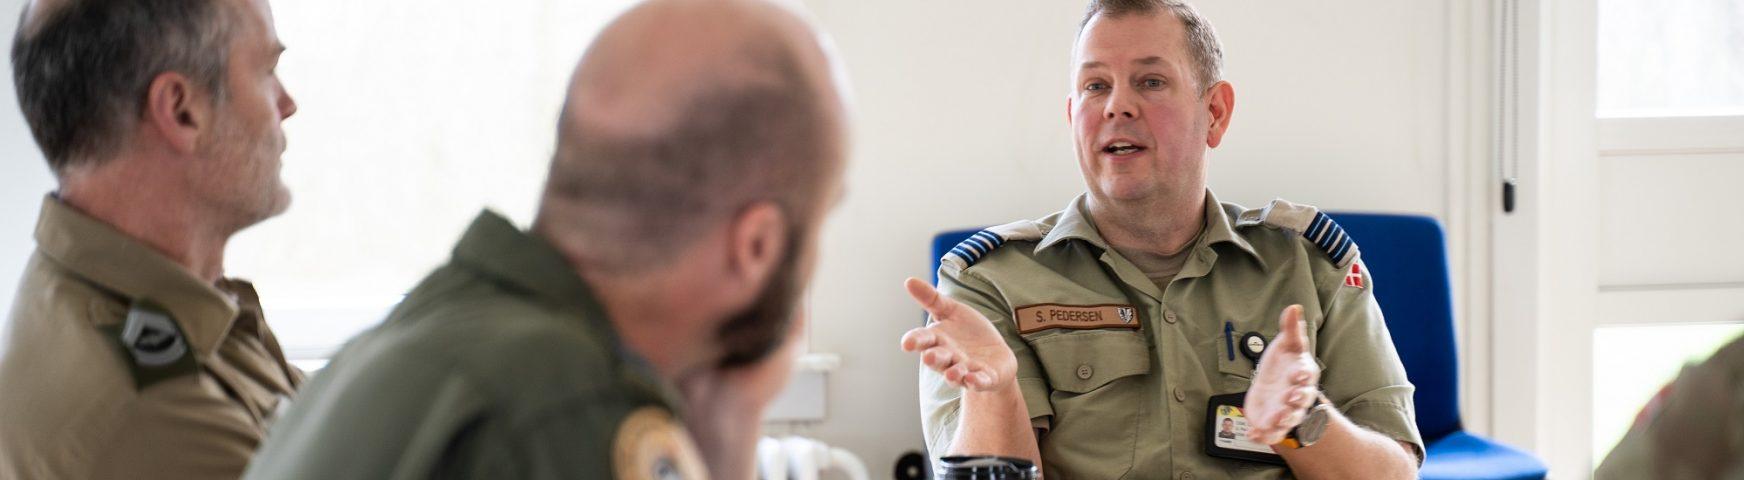 Tre soldater taler sammen ved bord